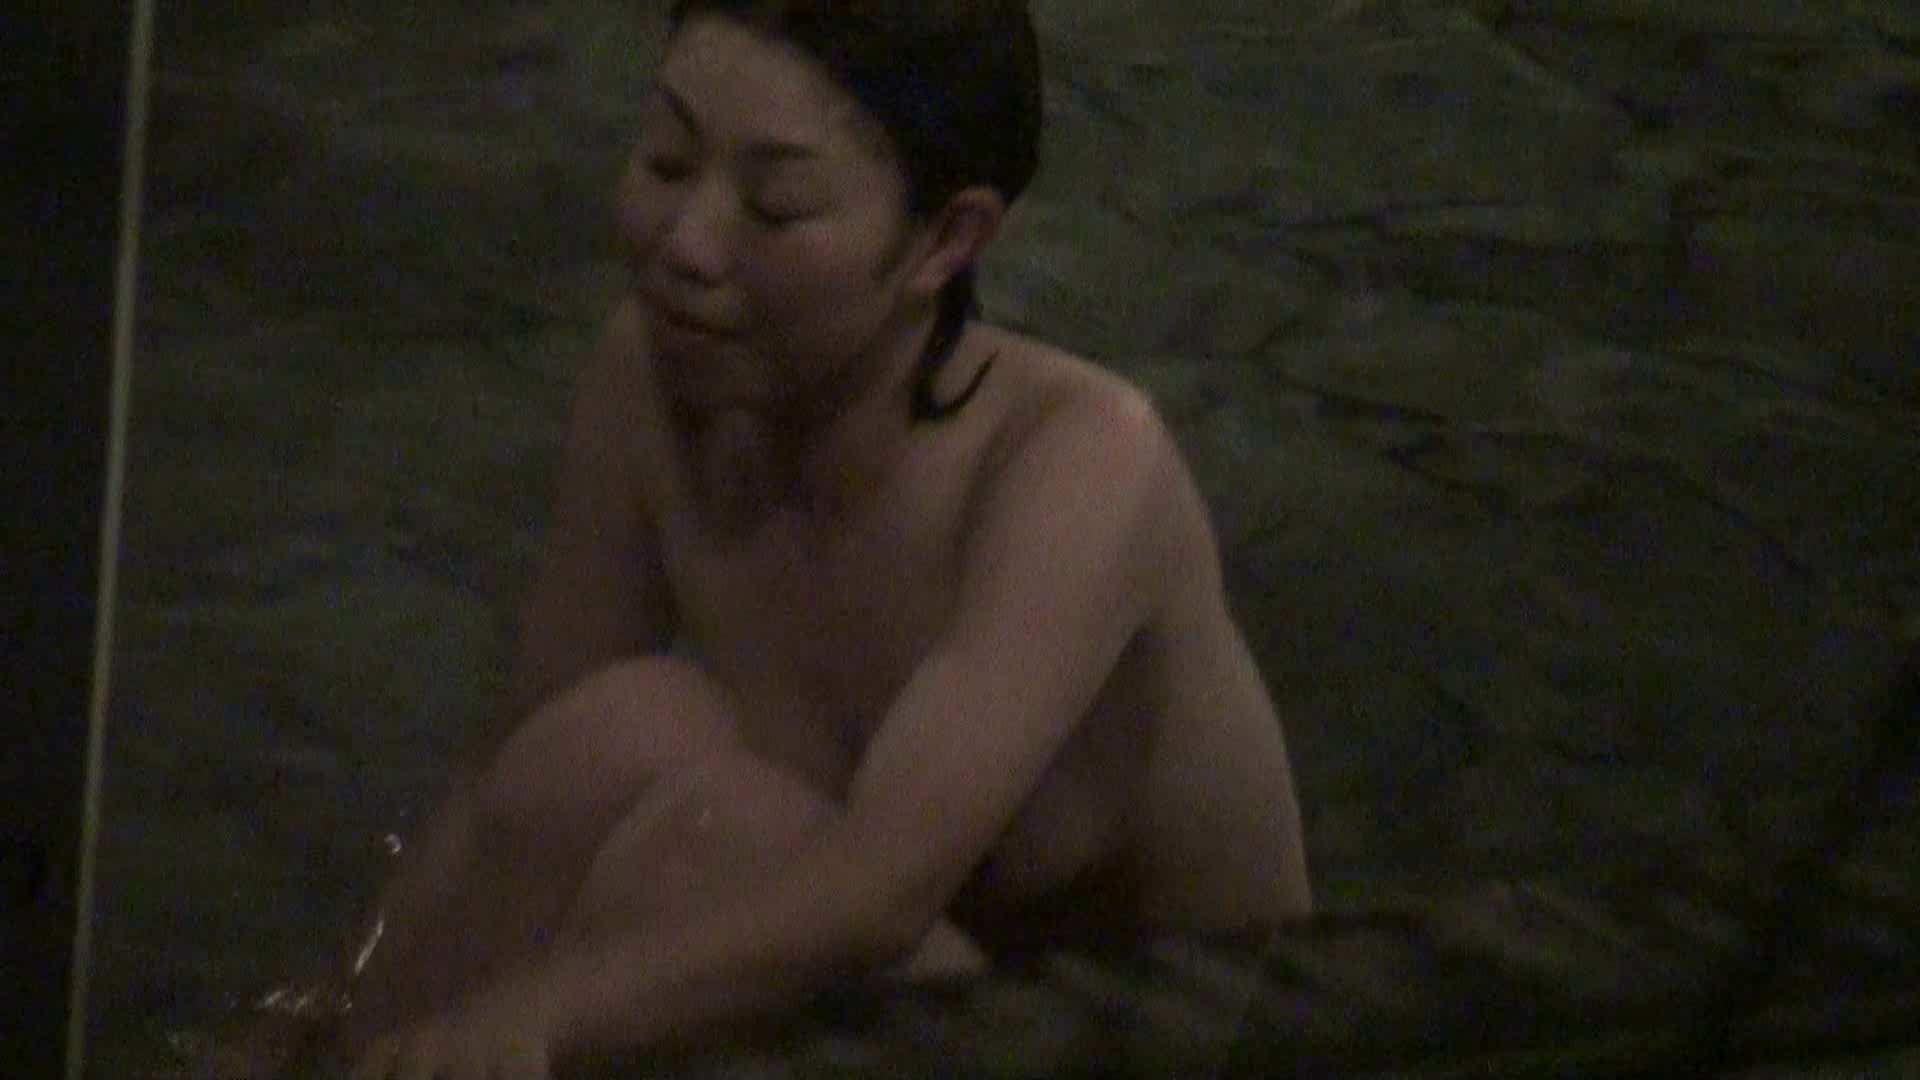 Aquaな露天風呂Vol.330 盗撮  75PICs 75